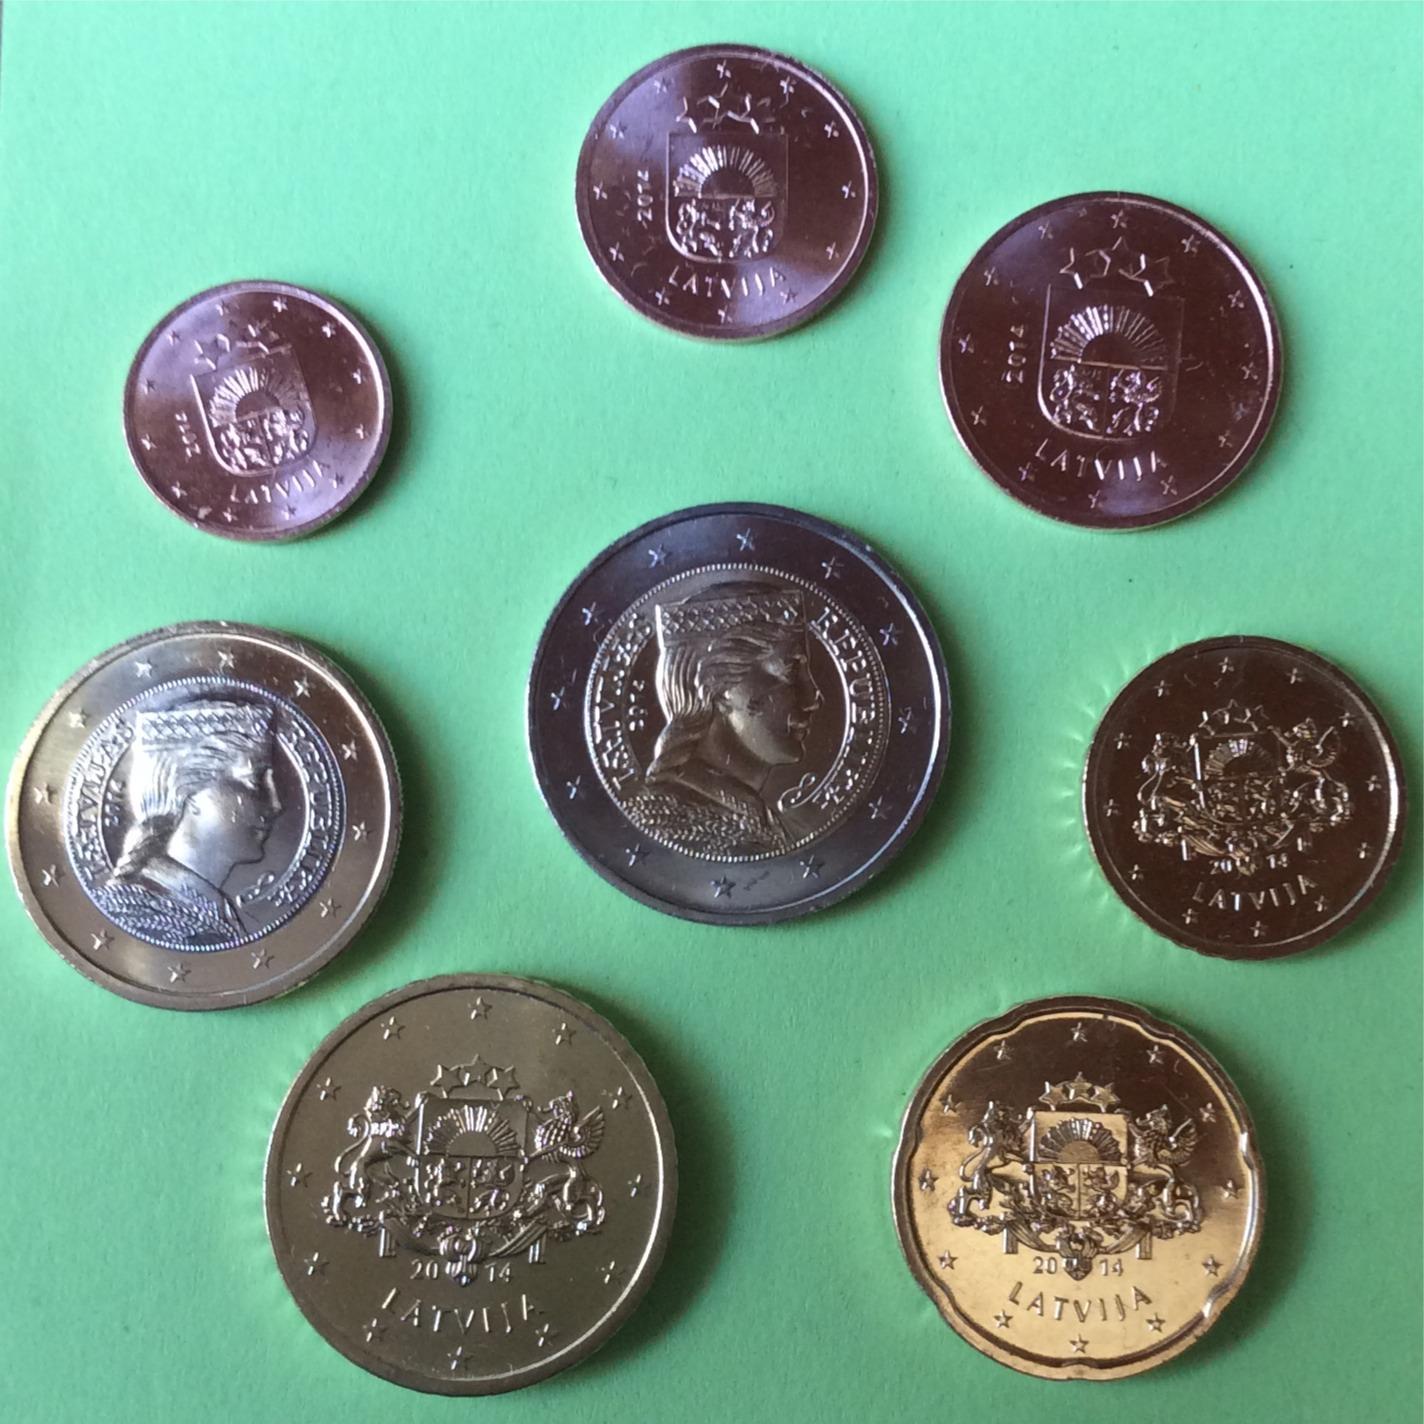 Euromünzen Kms Lettland 2014 1 Cent 2 Euro Andorra Noch Nicht